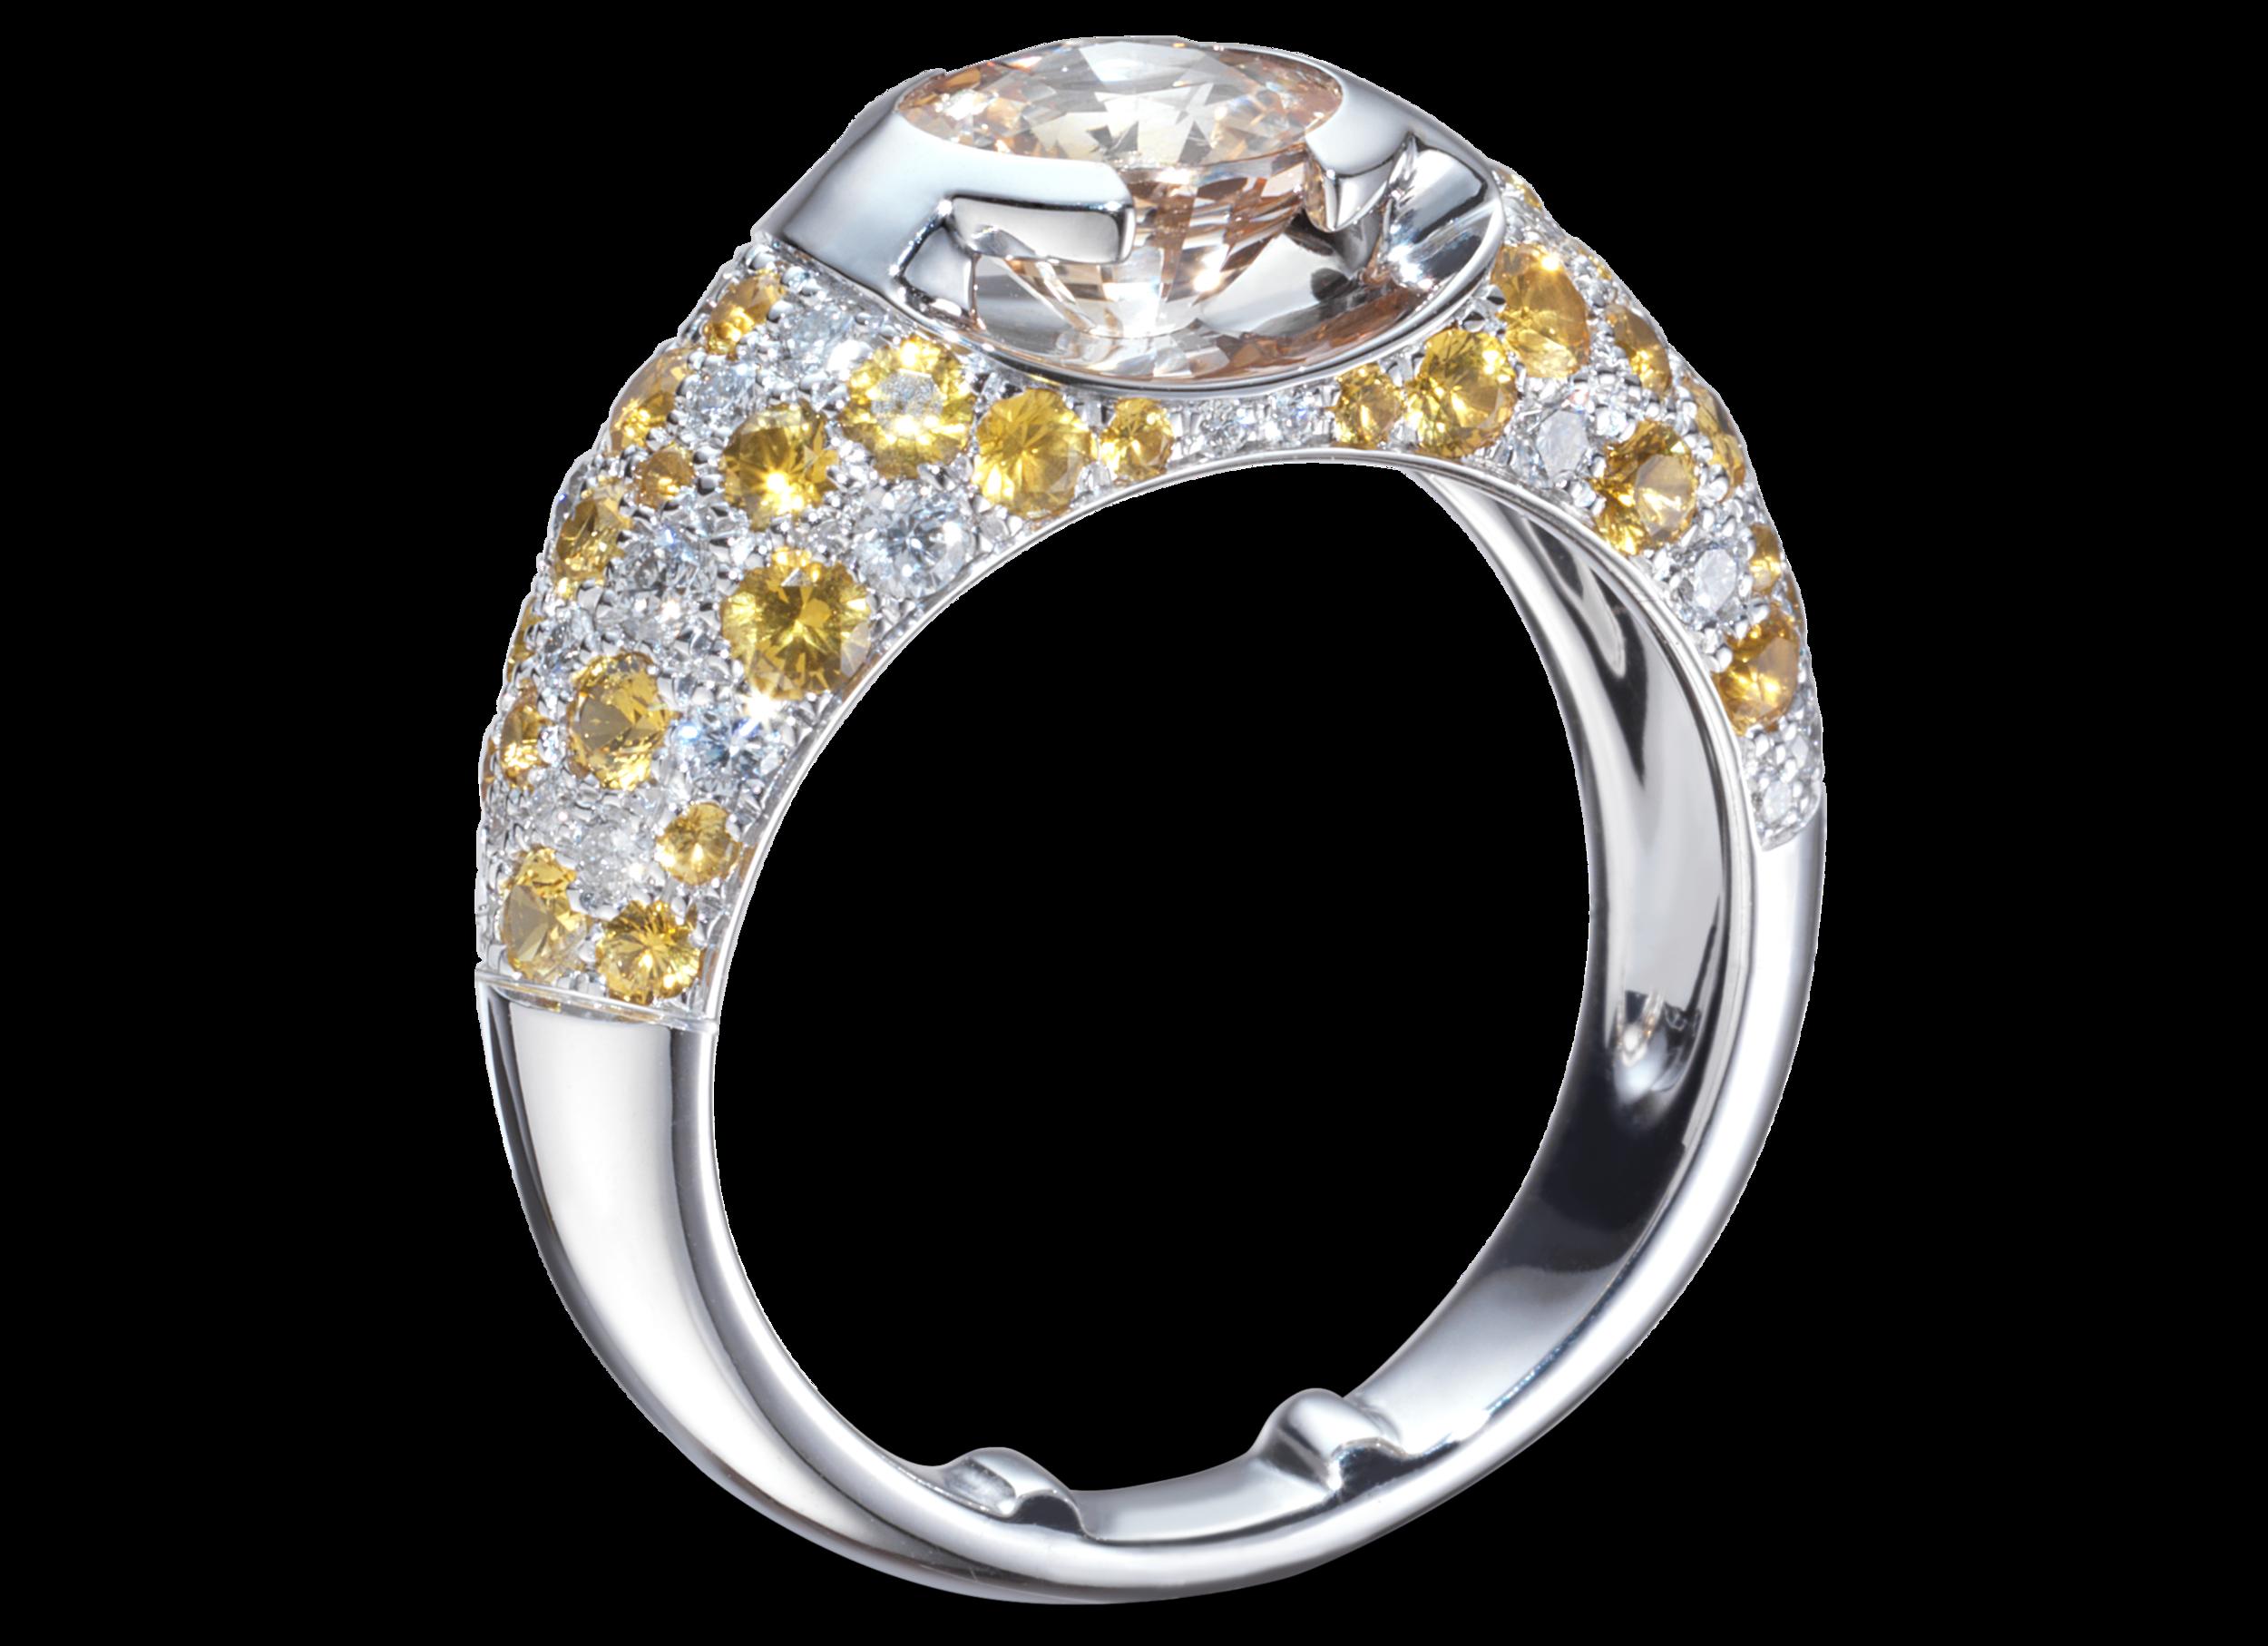 Bague Éolia - Or blanc, saphir jaune non 1,59 carat et pavage de saphirs jaunes et de diamants.